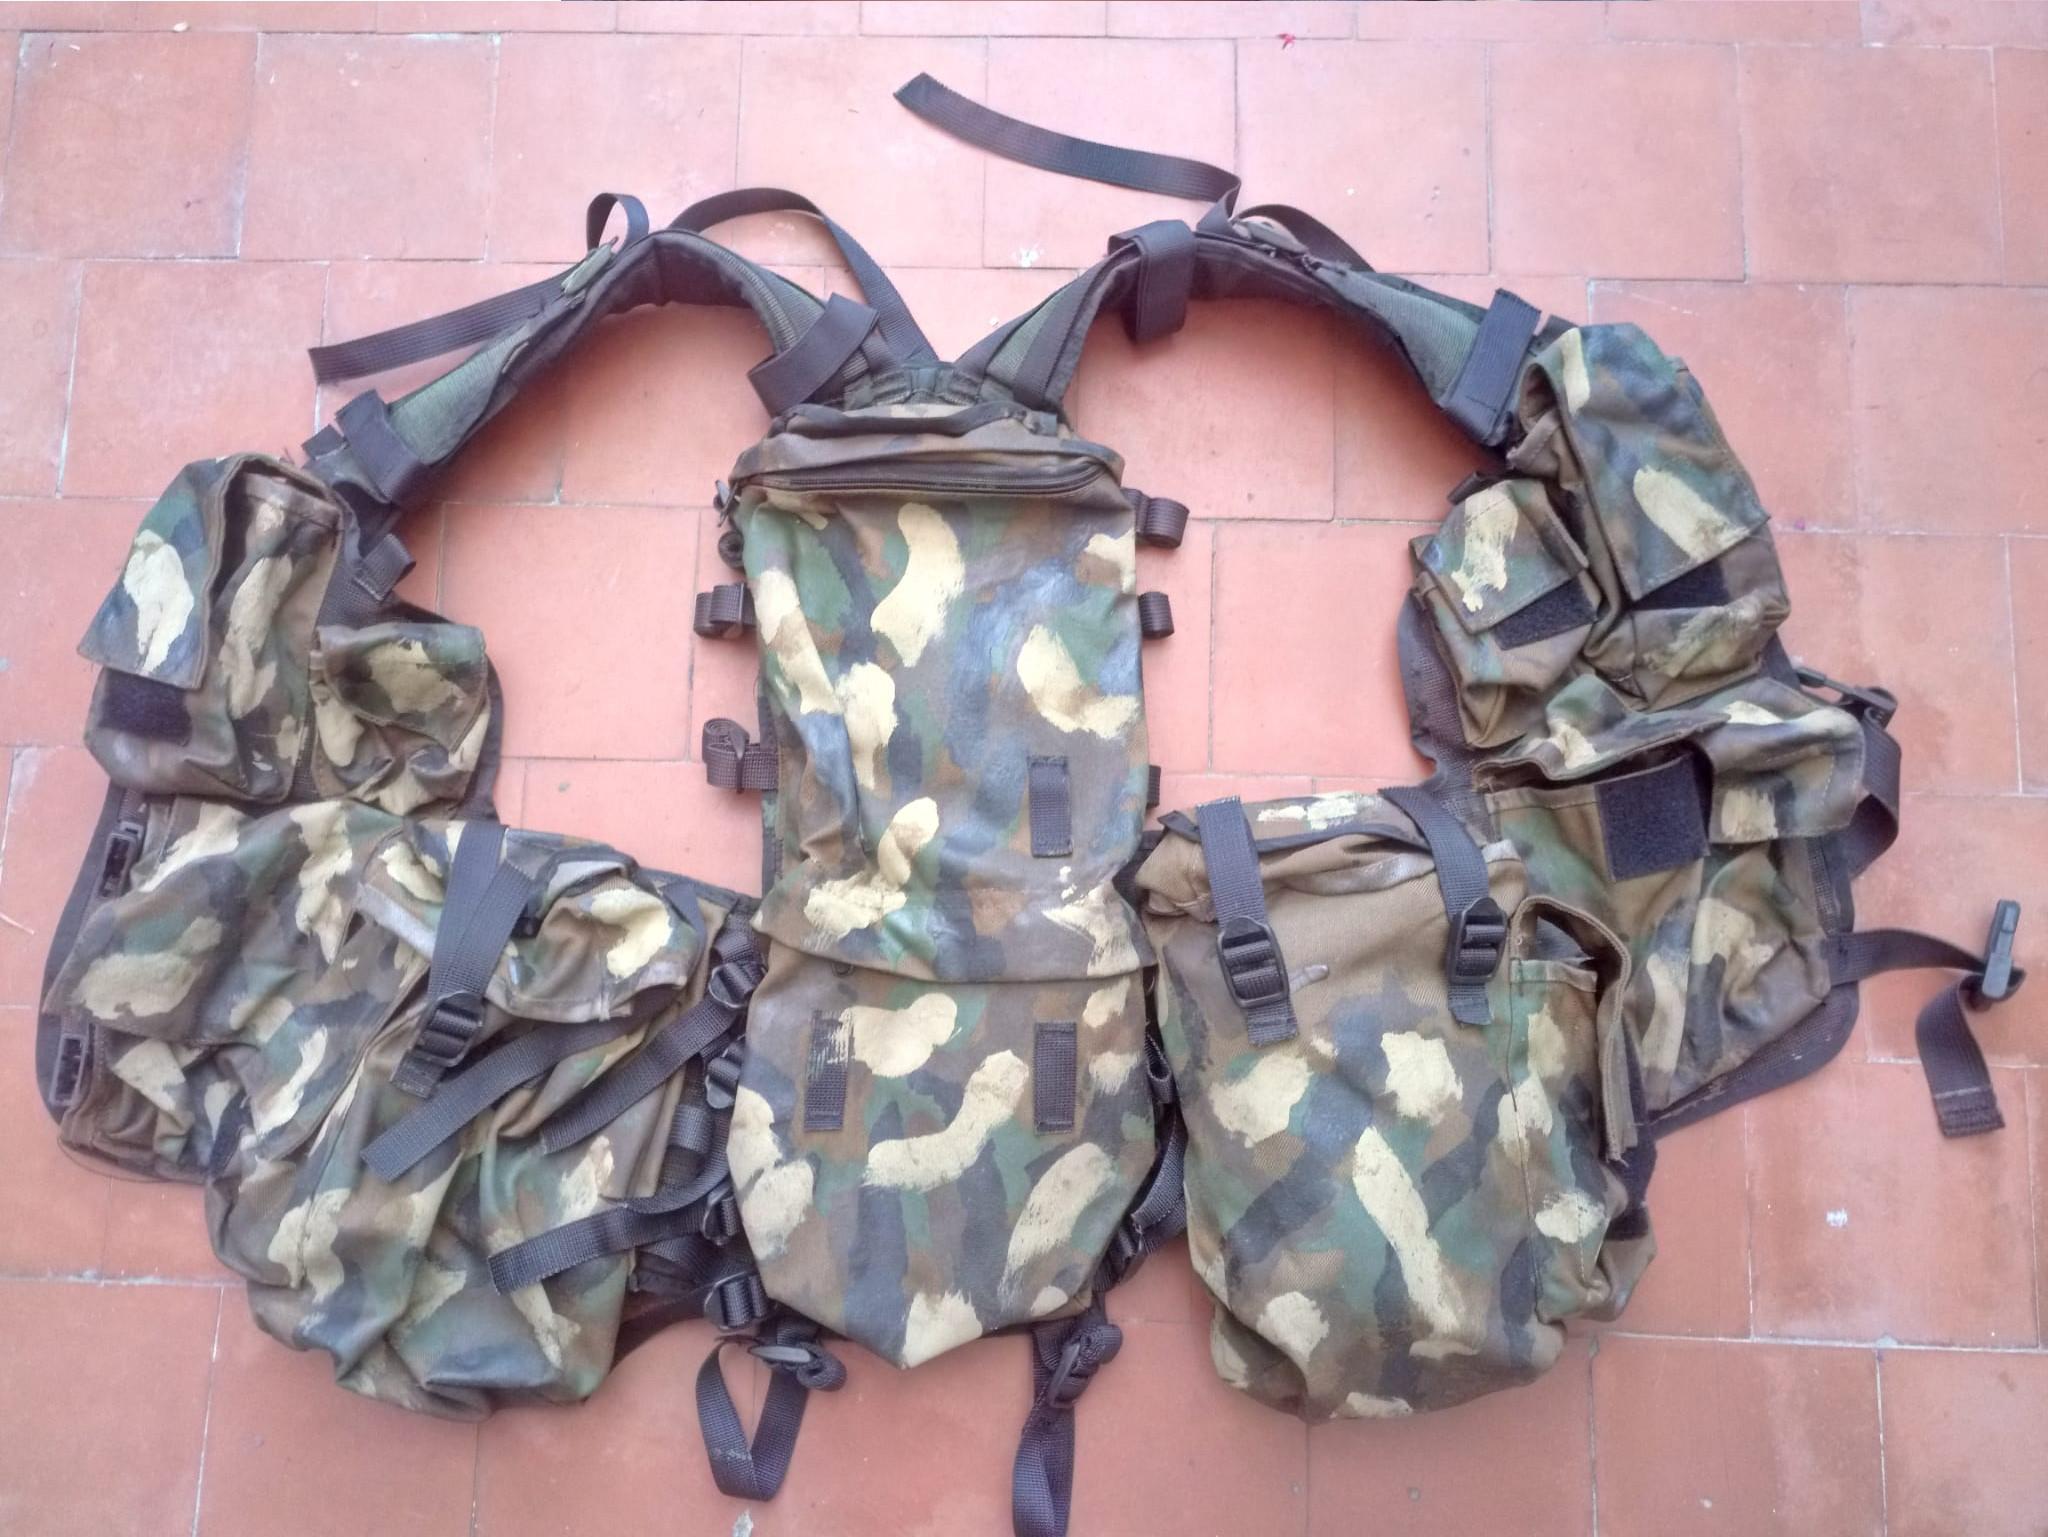 SADF P83 Battle Jacket